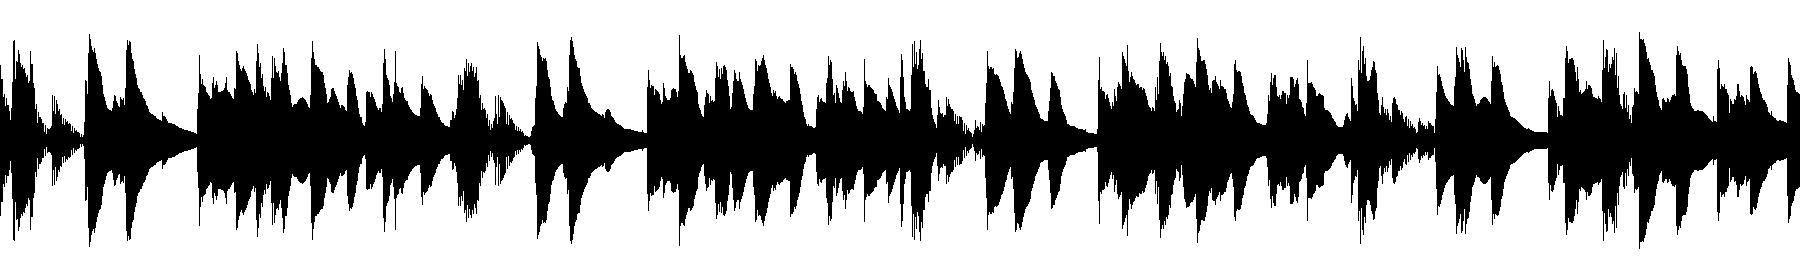 dts chordlp 51a cm dry